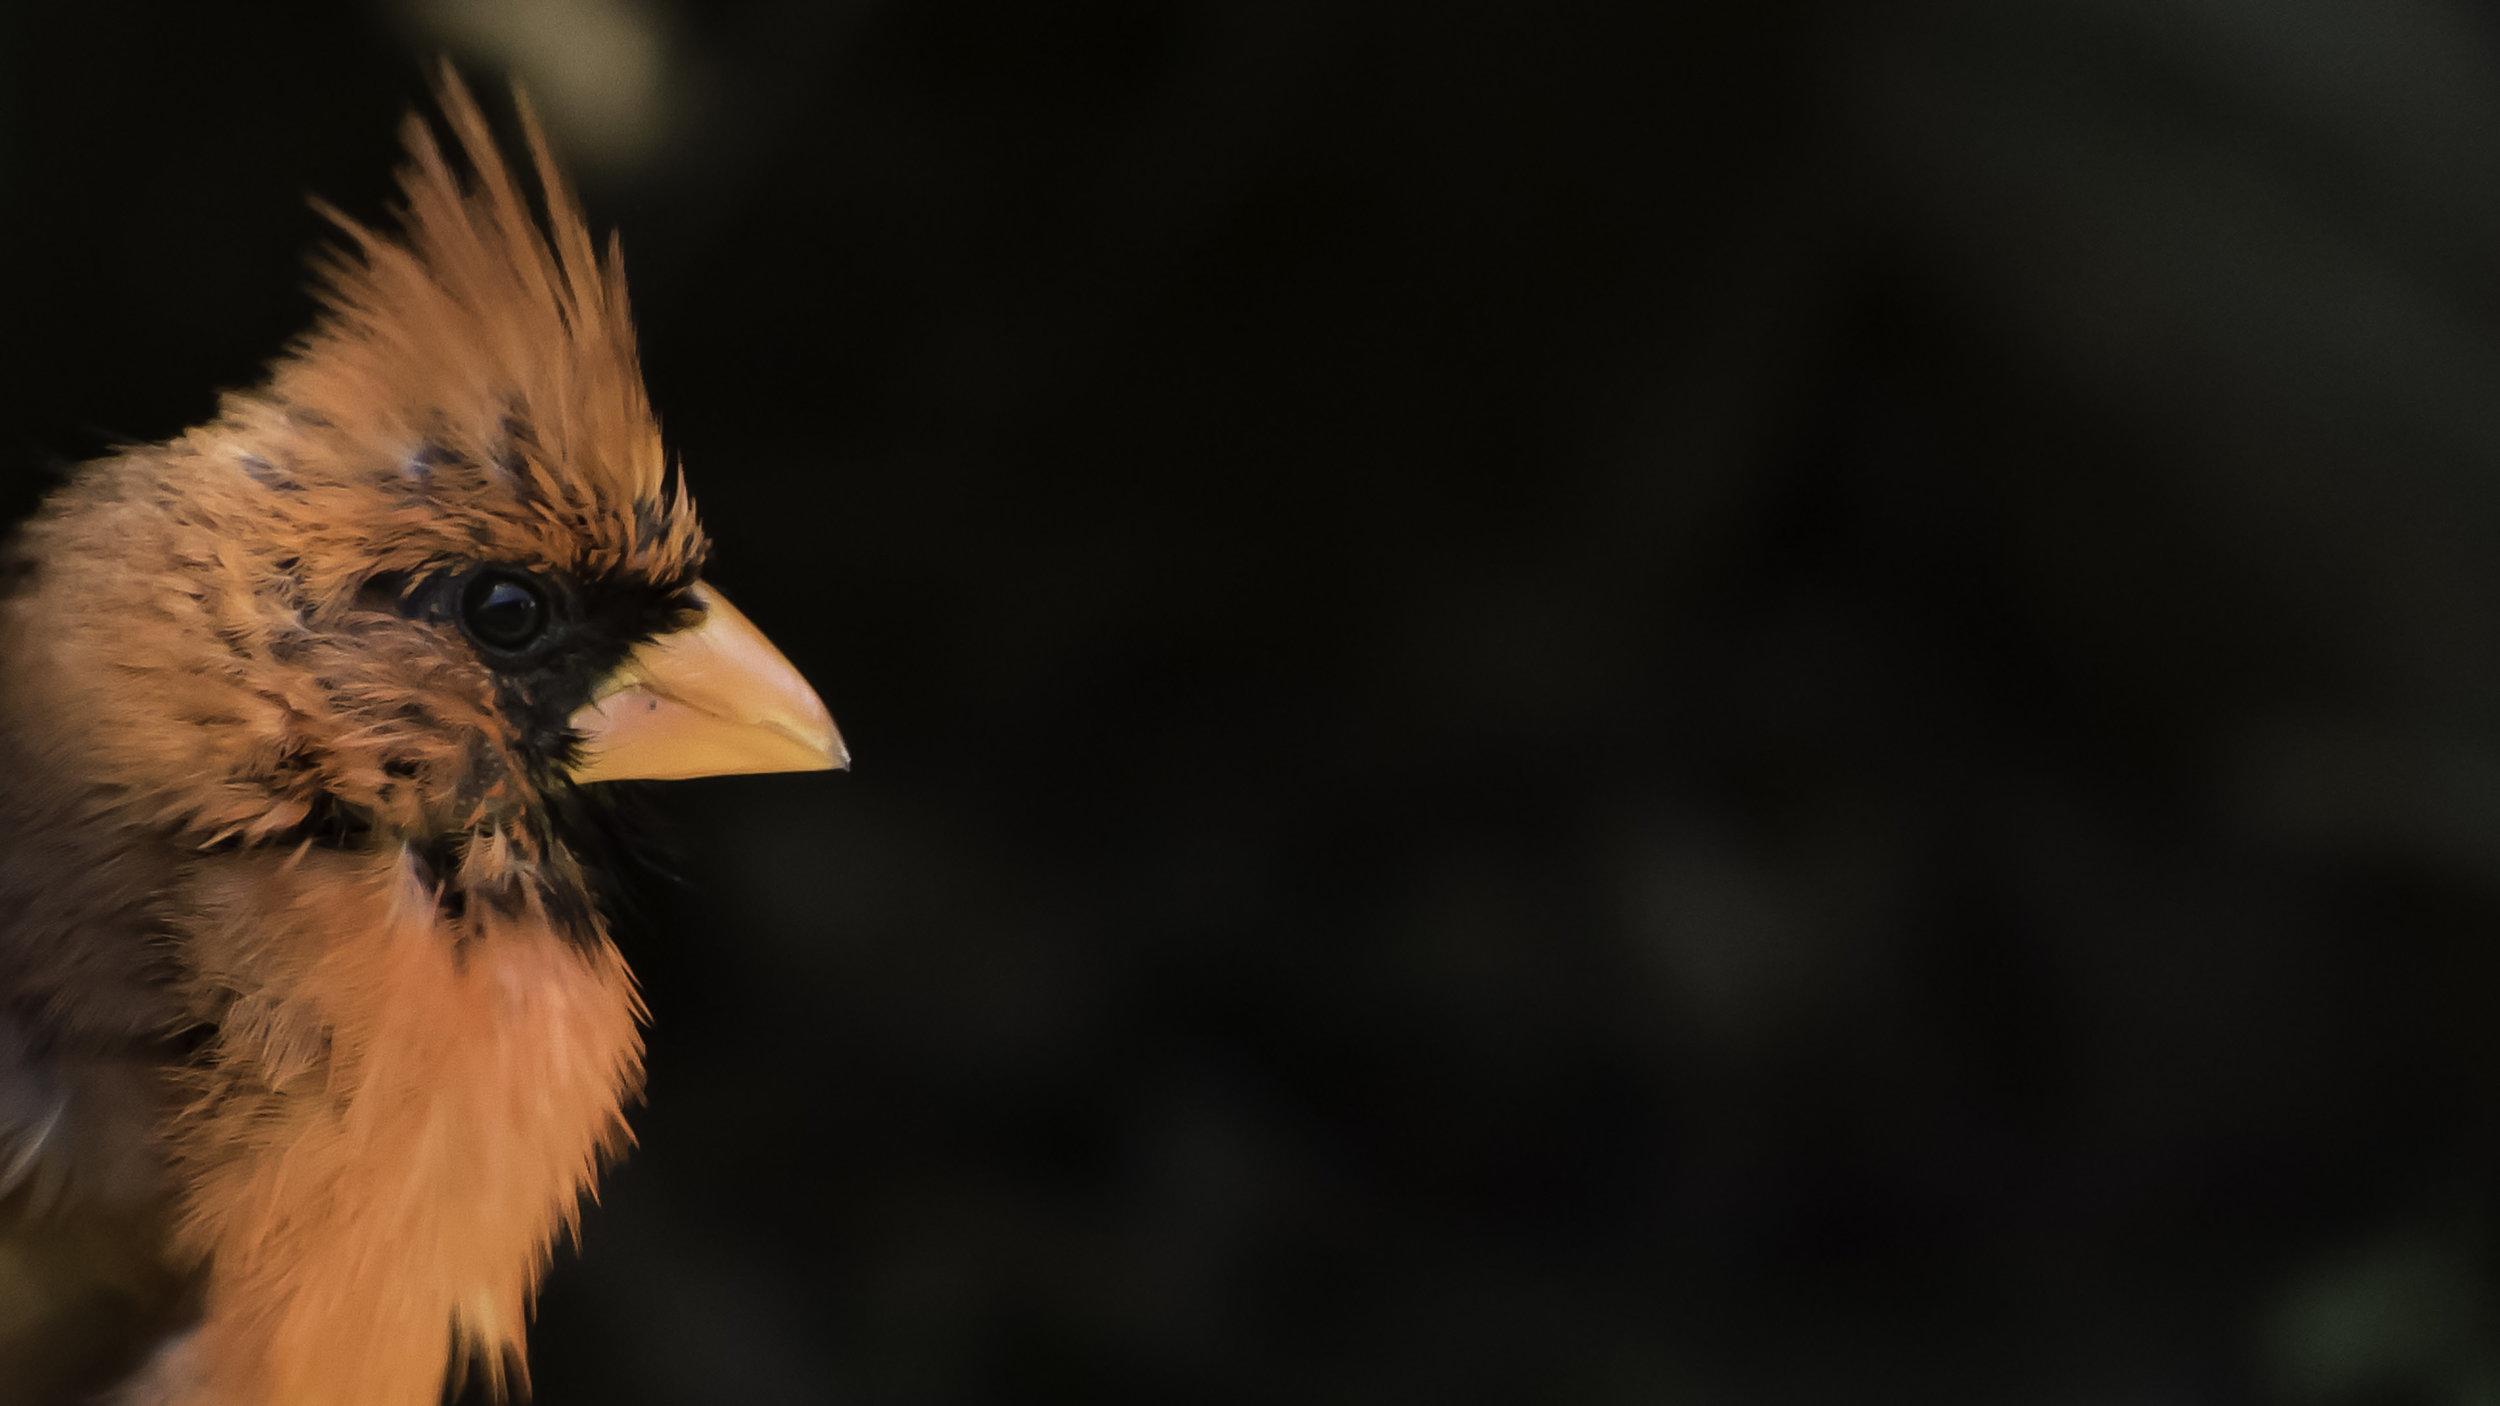 Northern Cardinal (Cardinalis cardinalis) -David Hebert-101.jpg